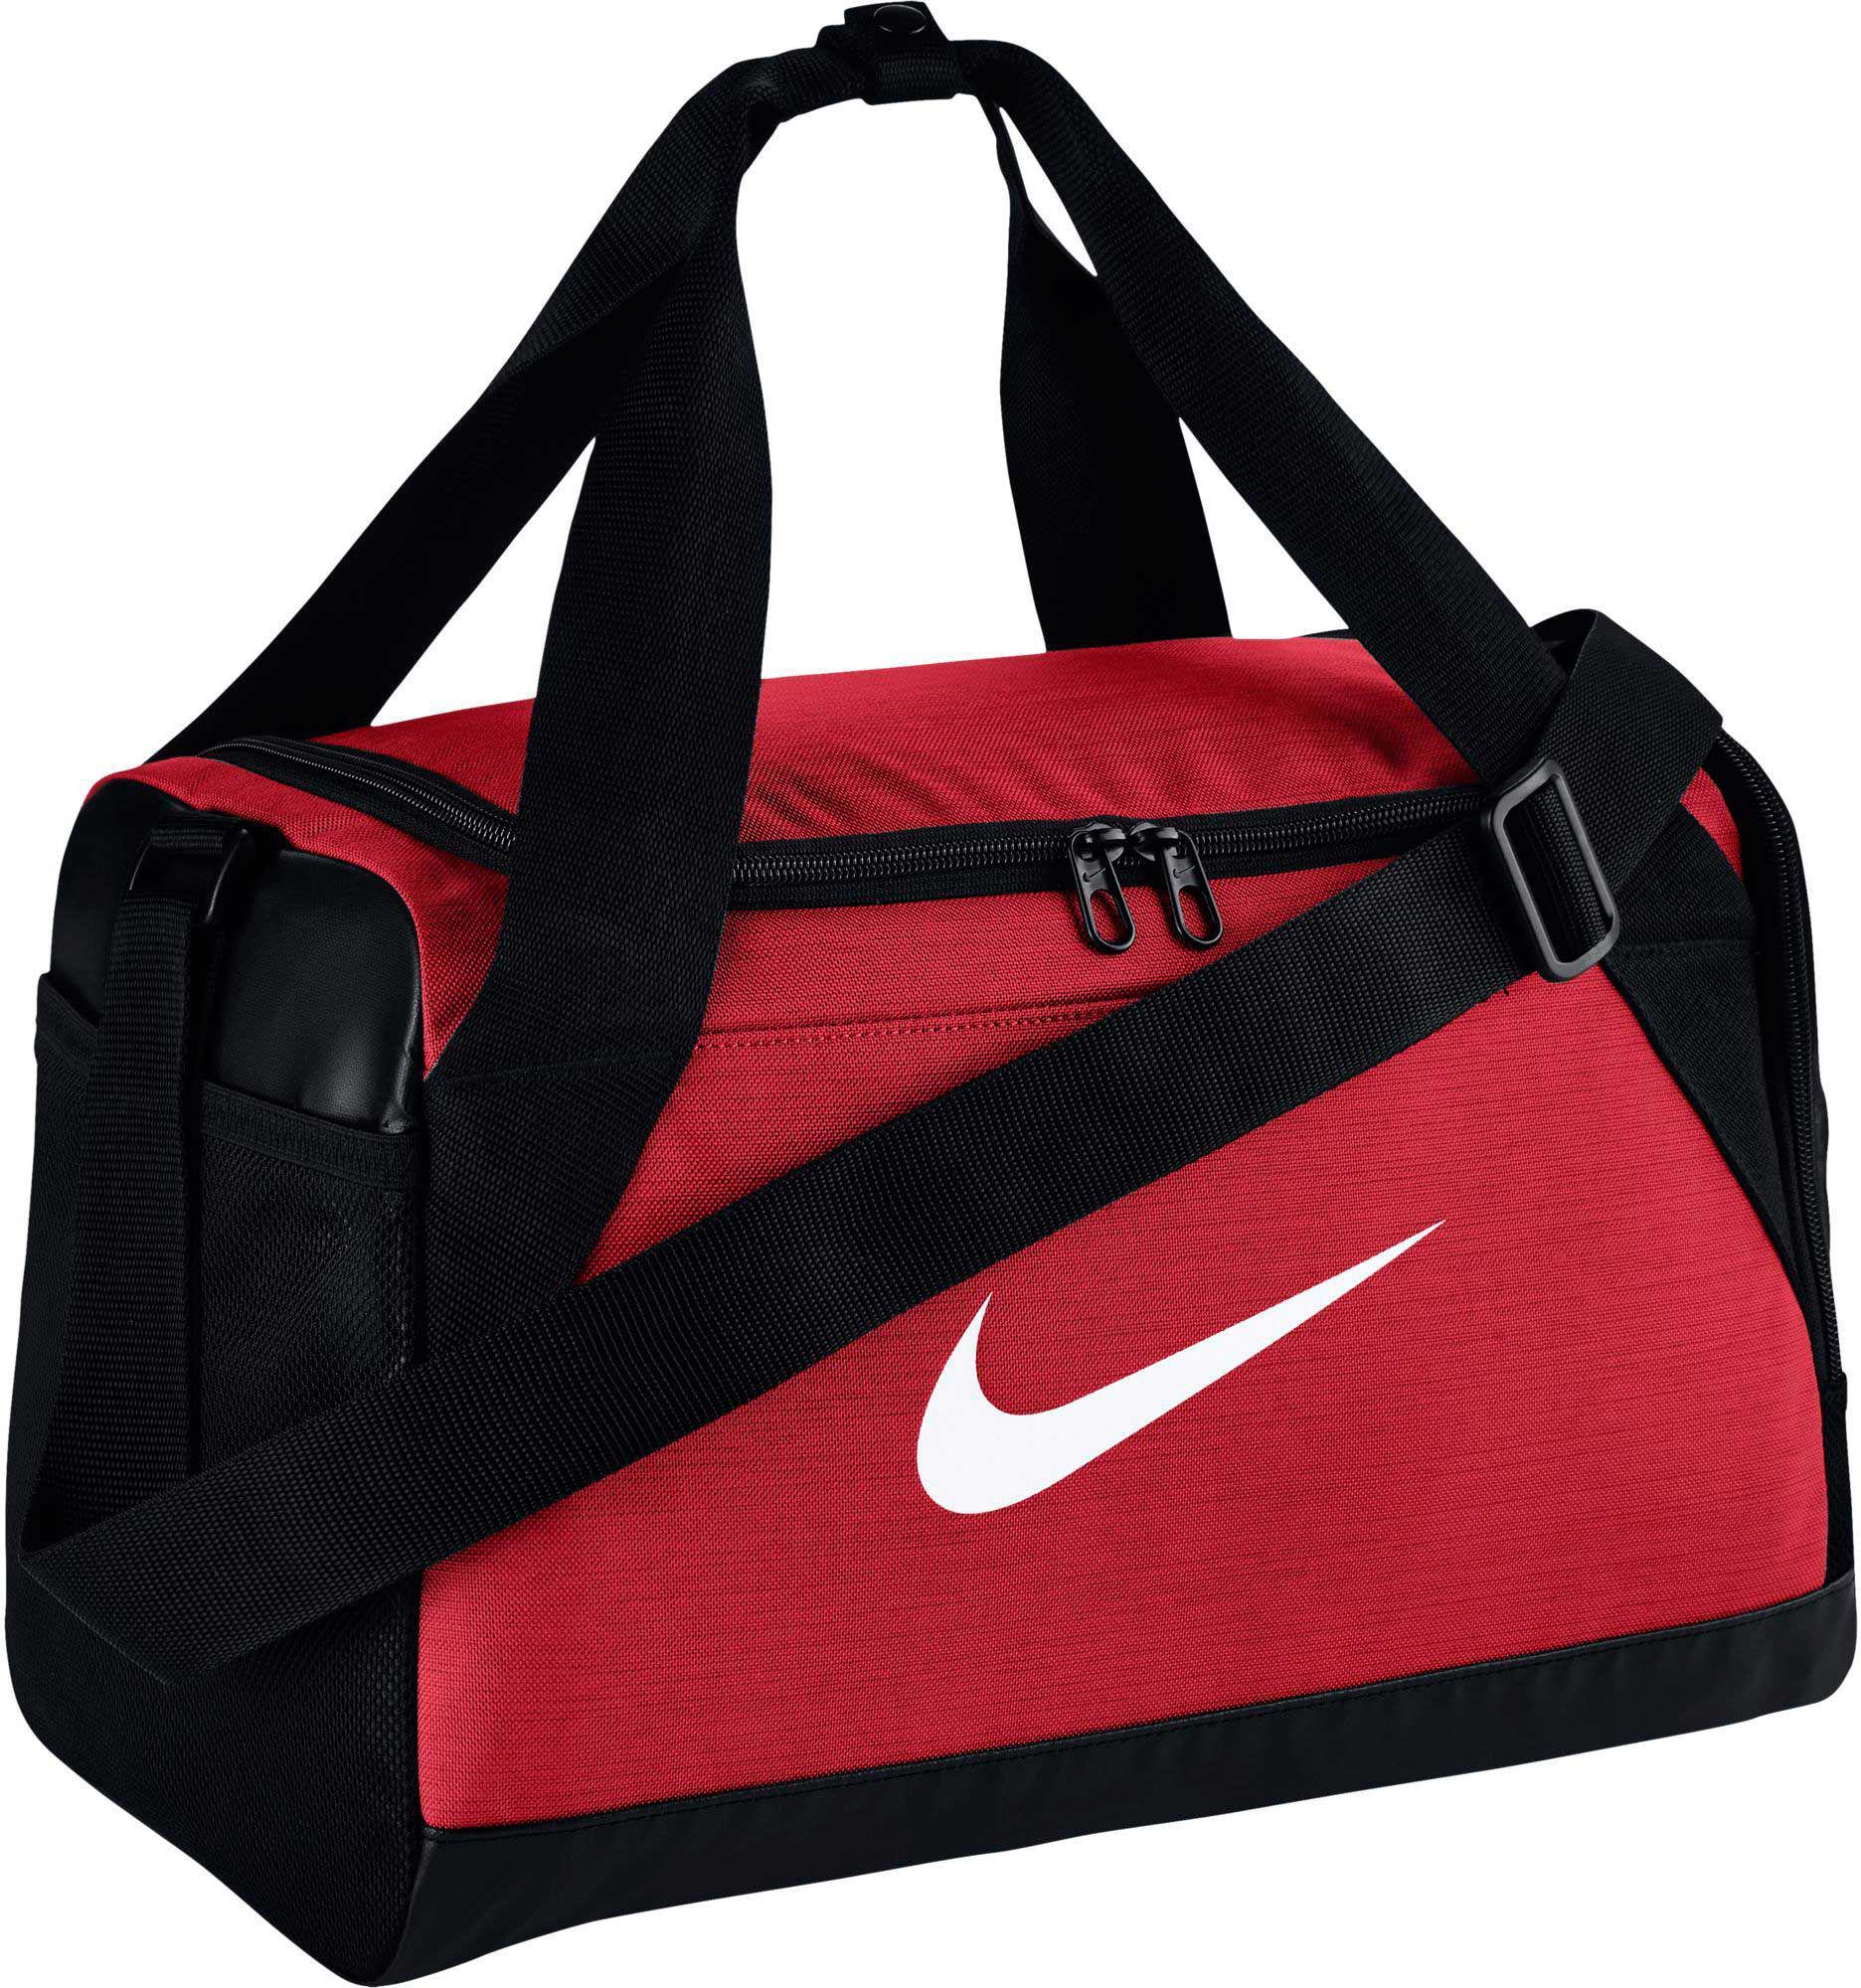 fdbb96b0af2f Lyst - Nike Rasilia 8 X-small Duffle Bag in Red for Men